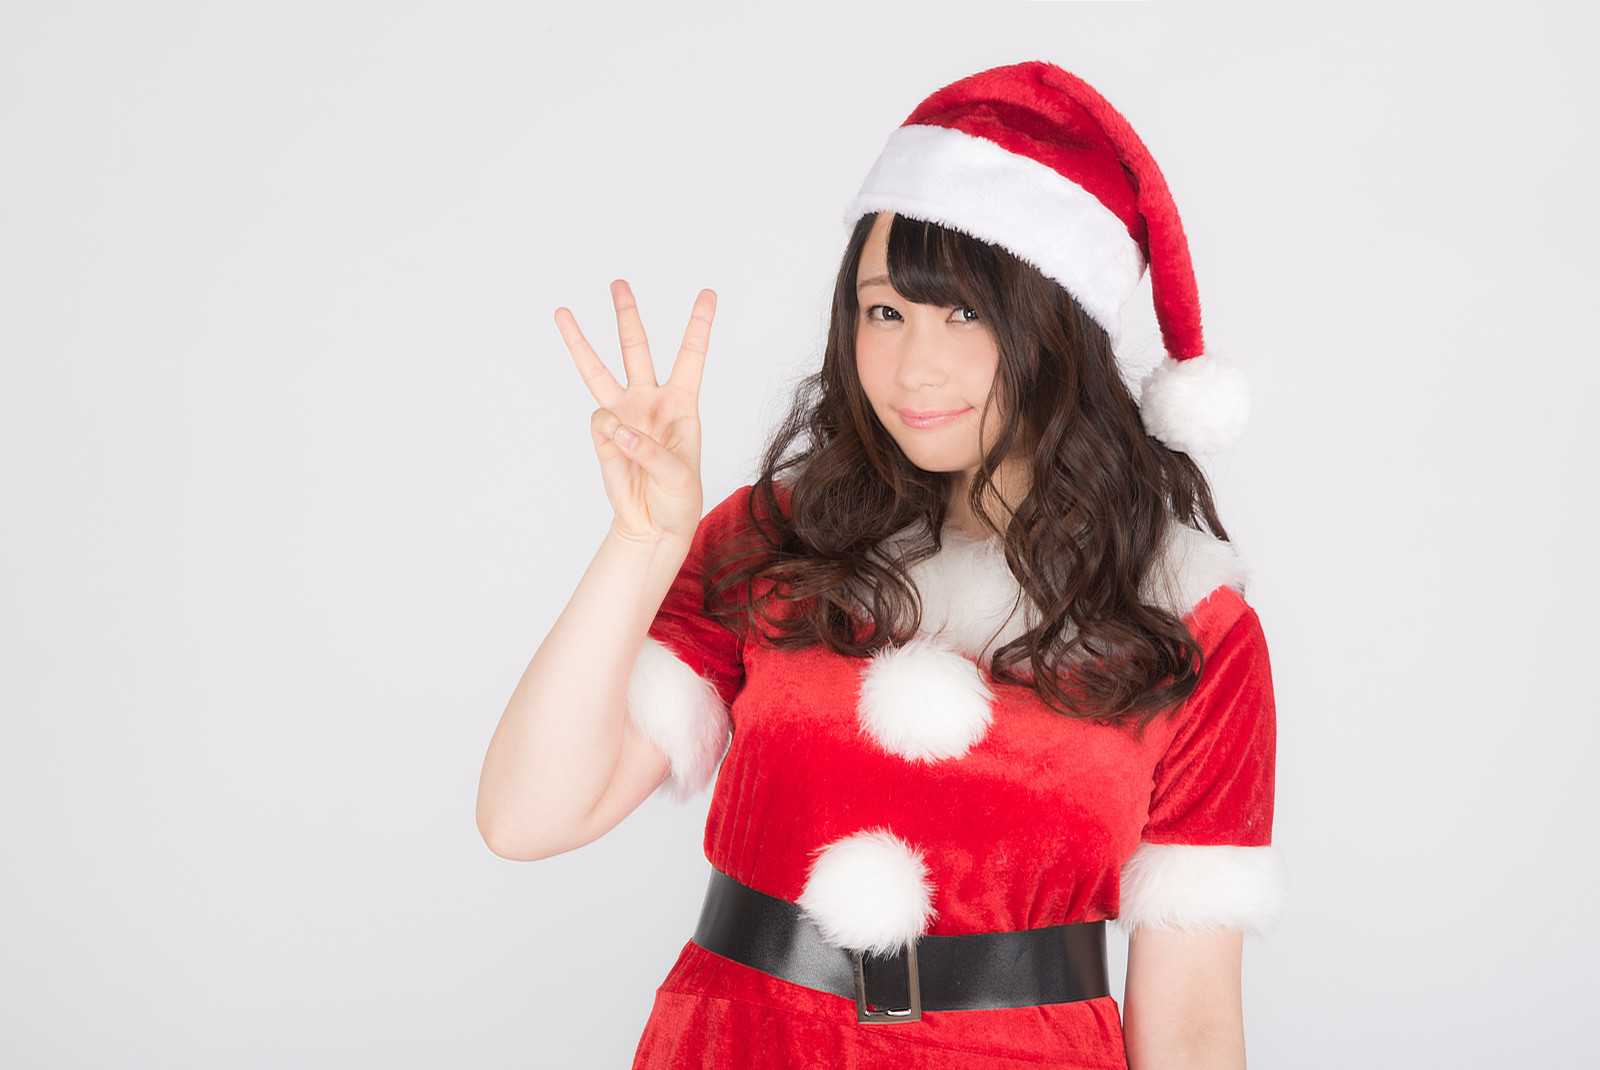 「クリスマスまであと3日!カウントダウンスタート!クリスマスまであと3日!カウントダウンスタート!」のフリー写真素材を拡大